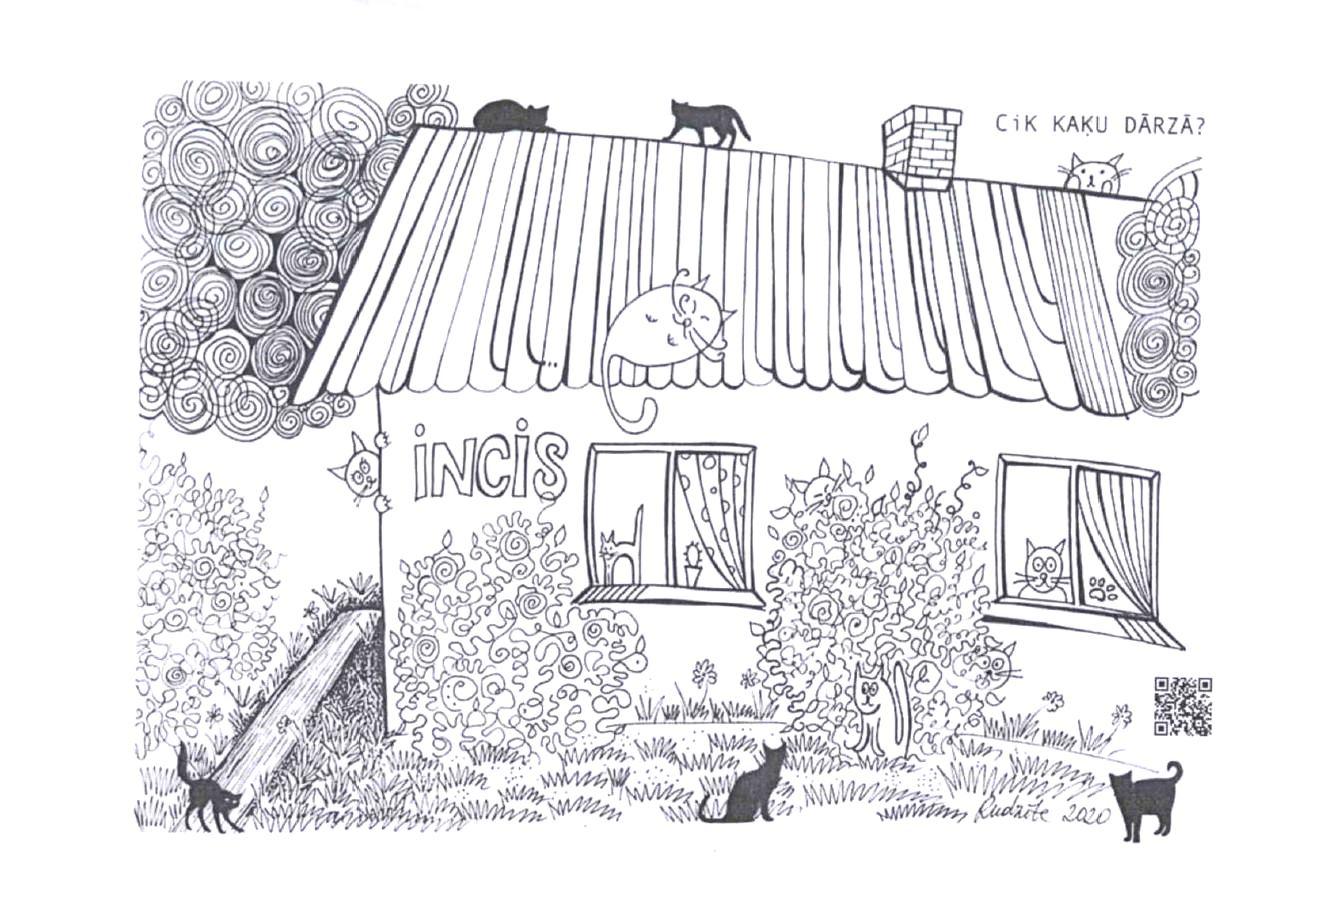 Zīmējumu konkurss – priekš kaķiem!